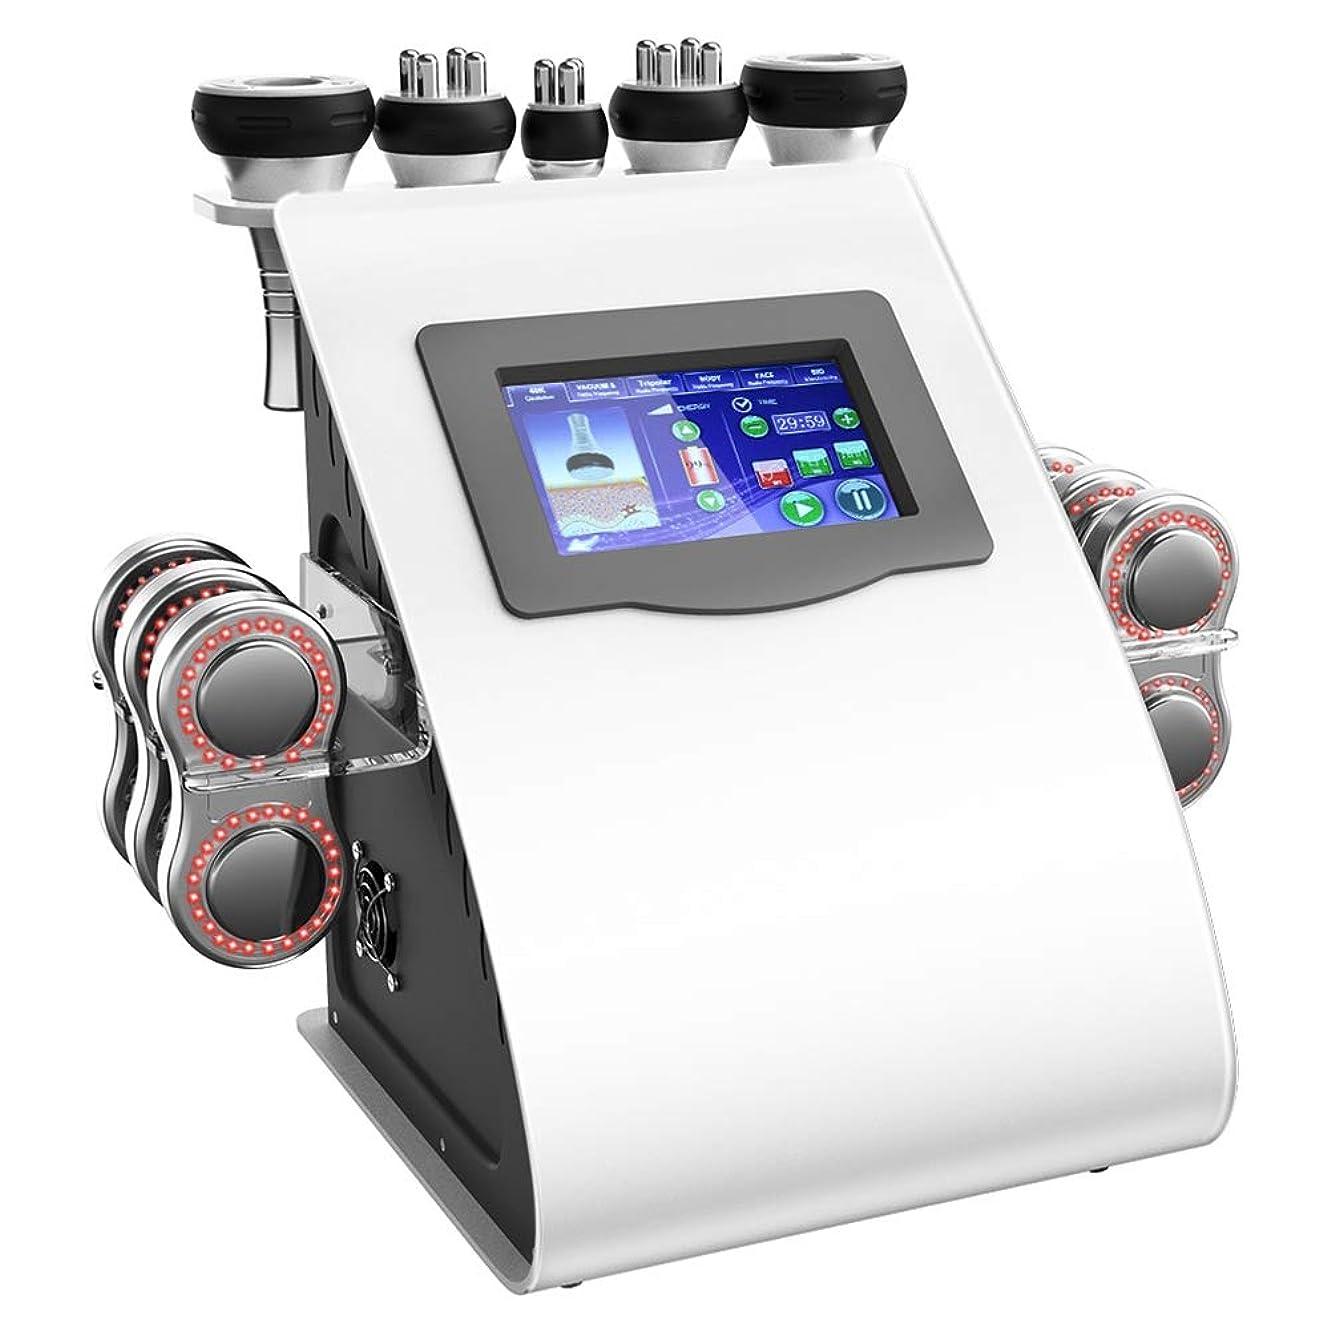 ホバート追い越すゲージ5-in-1振動ボディ整形マッサージ機、40Kフルボディーロスロスマッサージャー多極ブラスト脂肪計器フェイシャルスキンリフティングタイトング美容機(5マッサージヘッド)CE、FDA承認(110?240V)